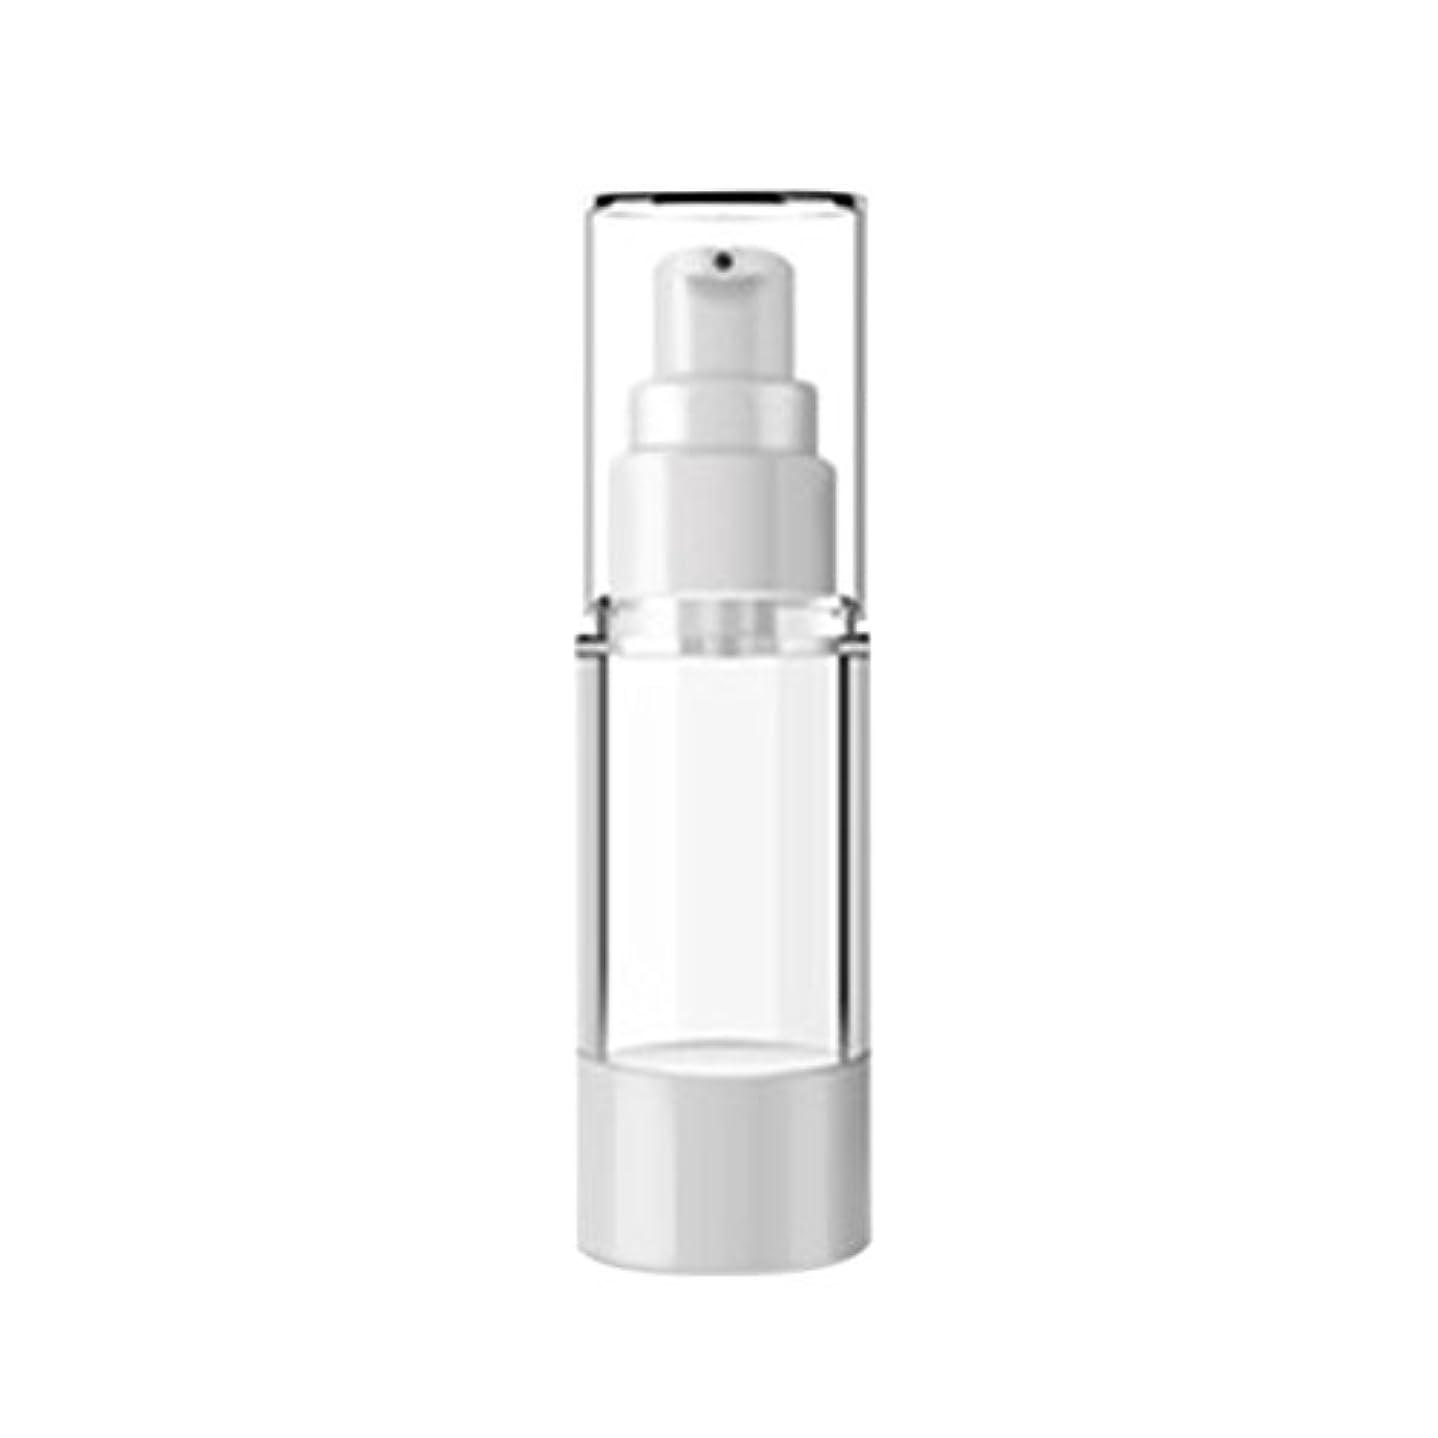 暗くするサラダクマノミVi.yo 小分けボトル スプレーボトル 押し式詰替用ボトル コスメ用詰替え容器 携帯便利 出張 旅行用品 スタイル1 3本セット 15ml